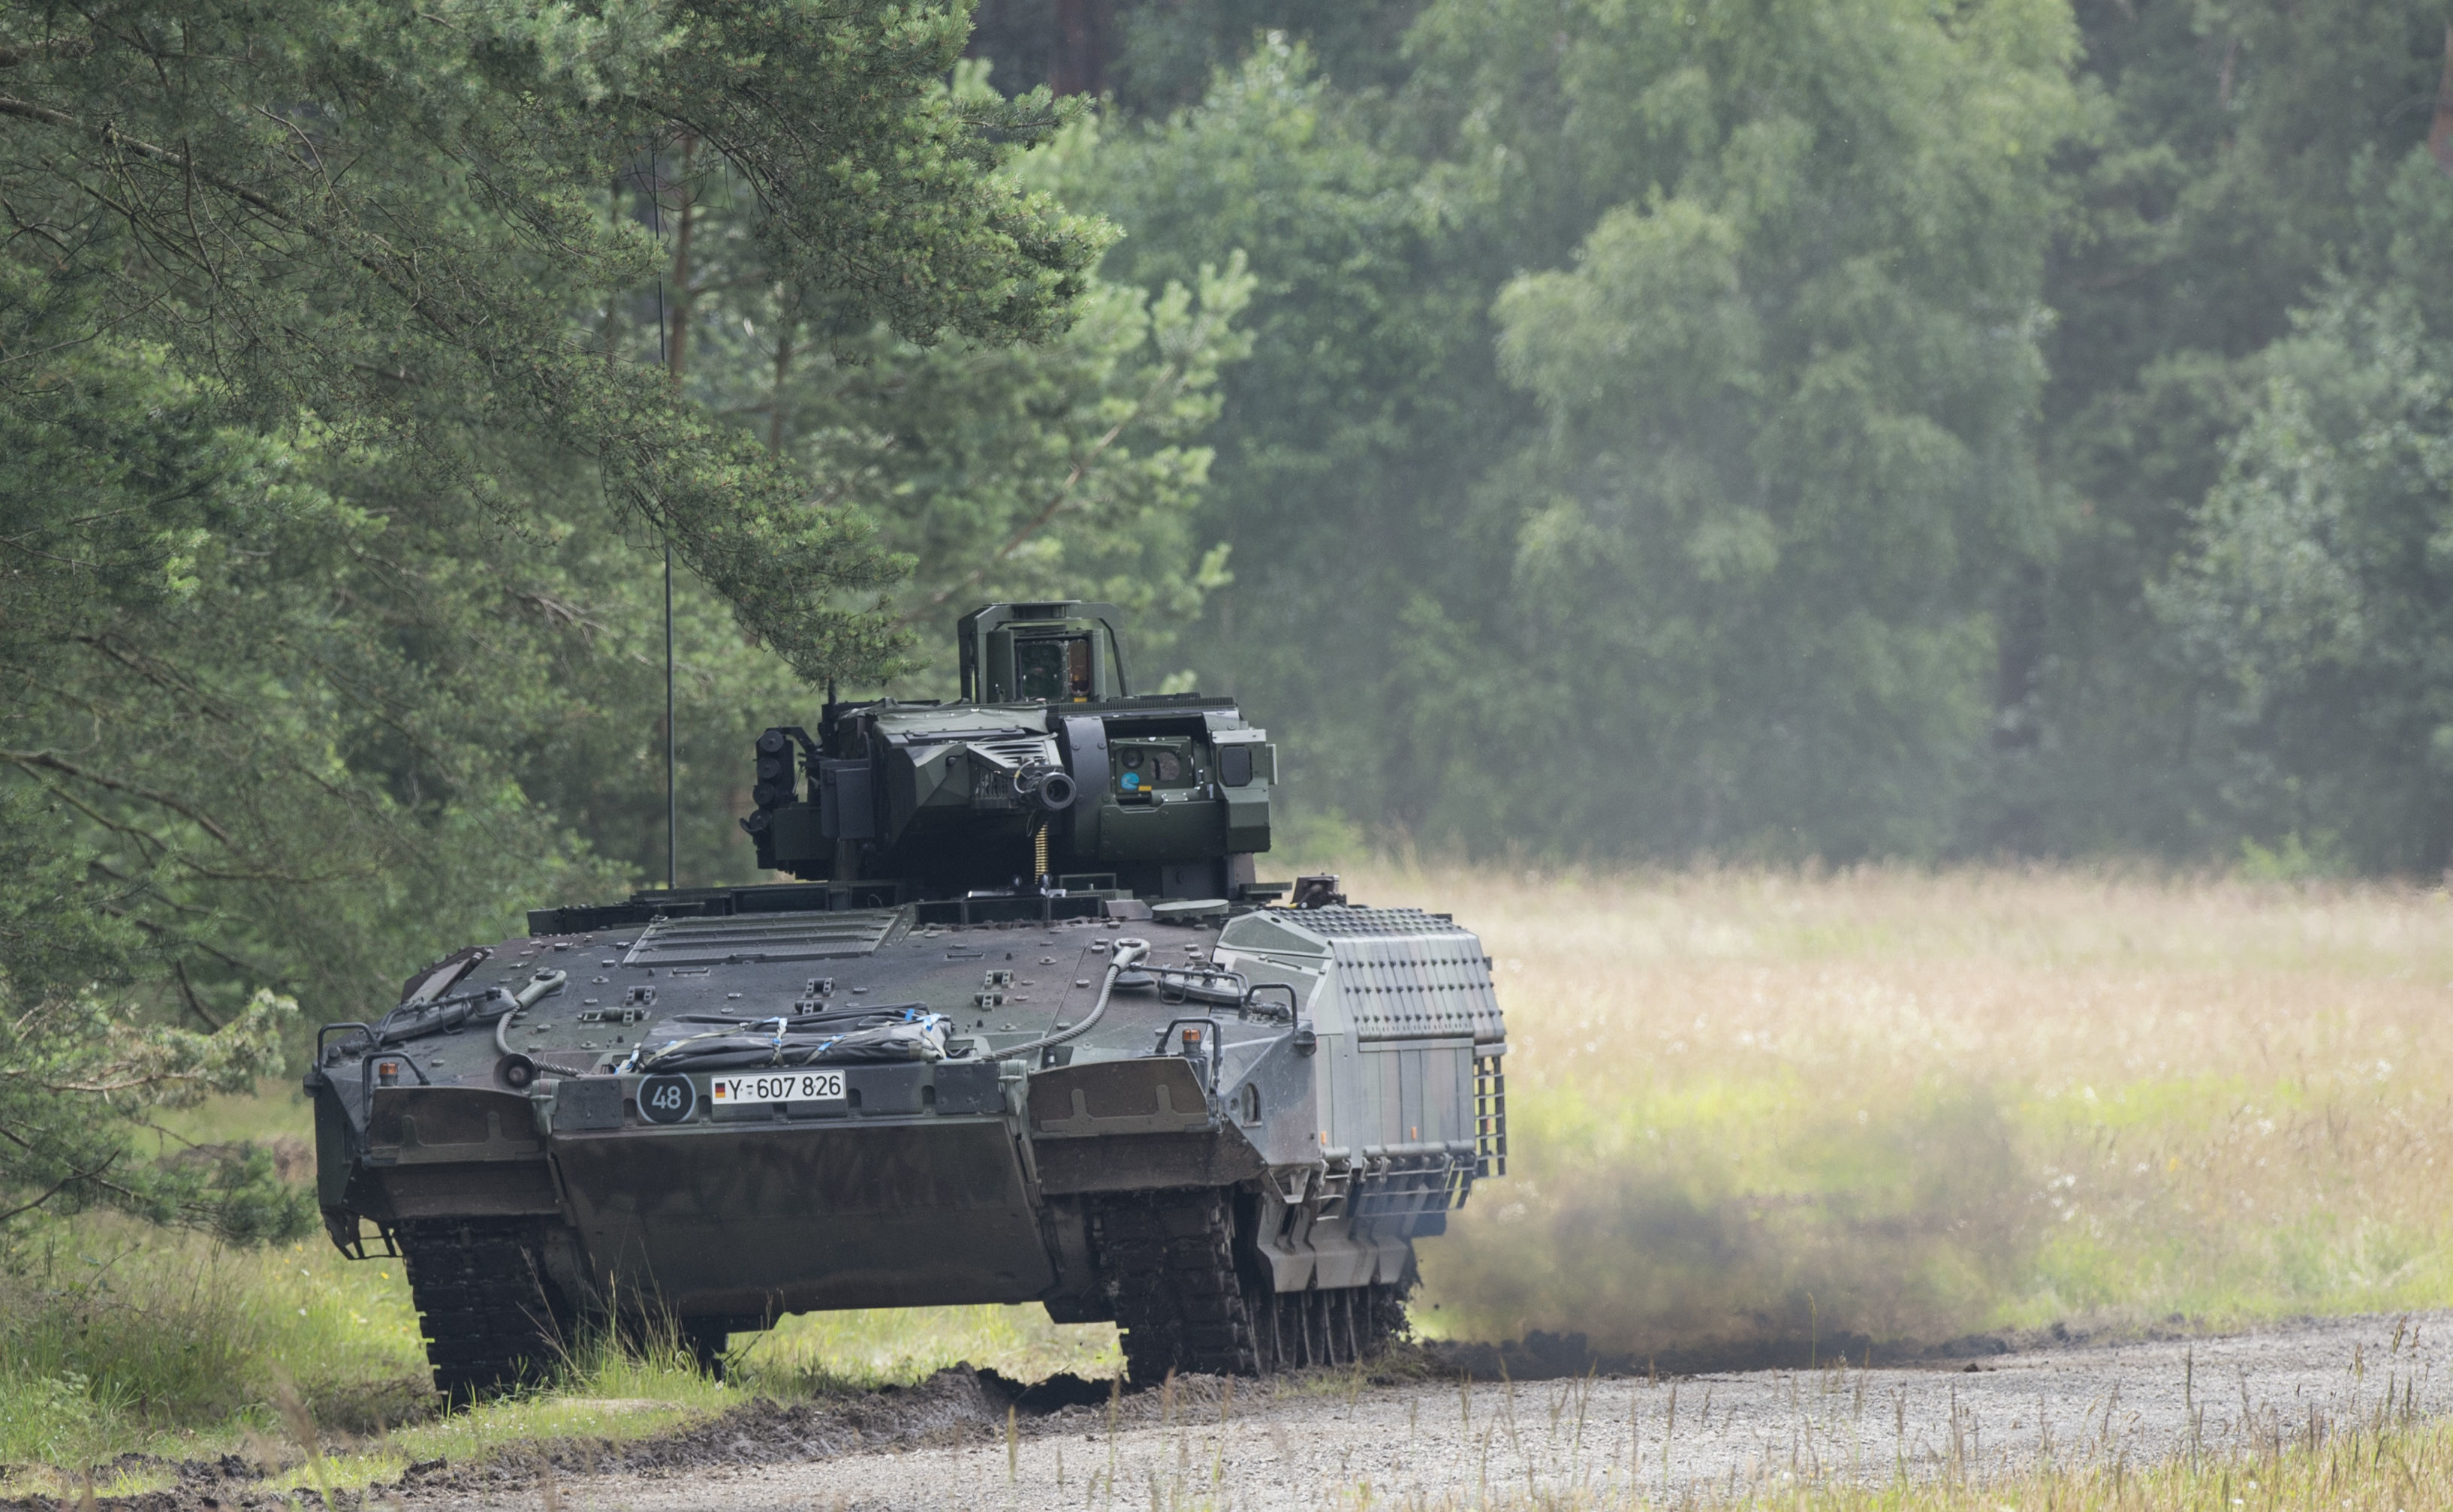 Nejnovější německé pěchotní bojové vozidlo Puma